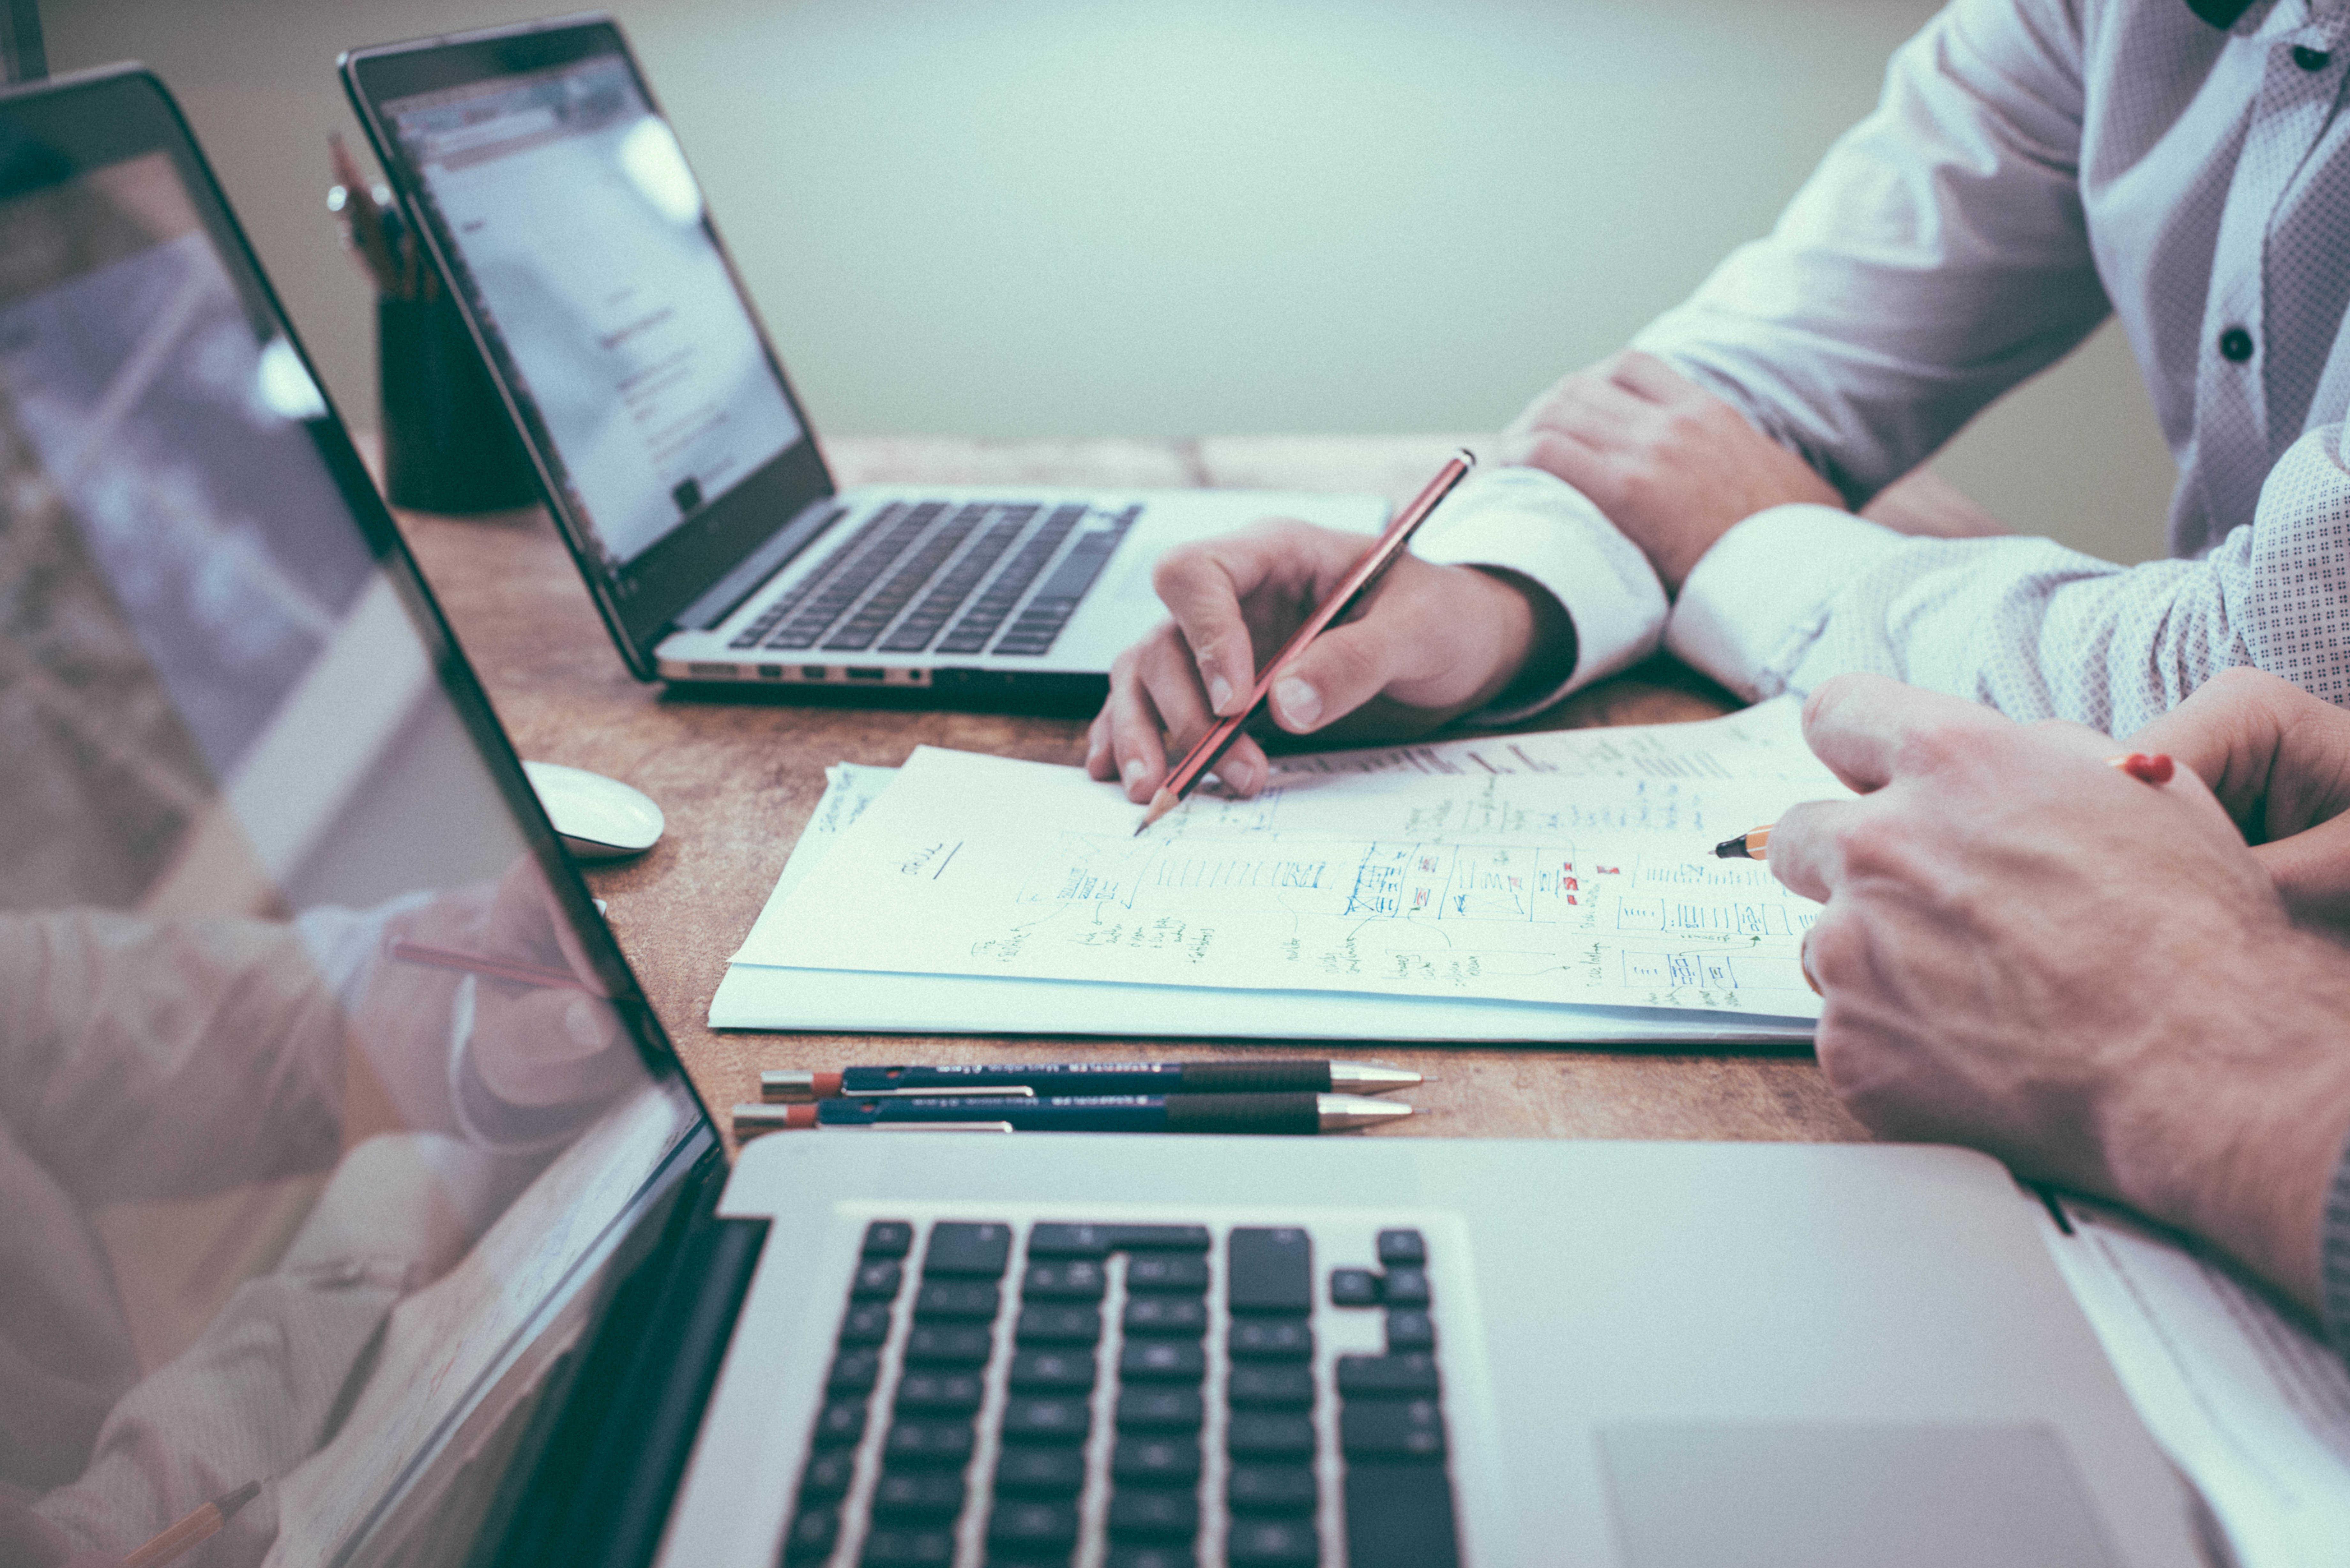 Optimiser son référencement : stratégie digitale par Wedig